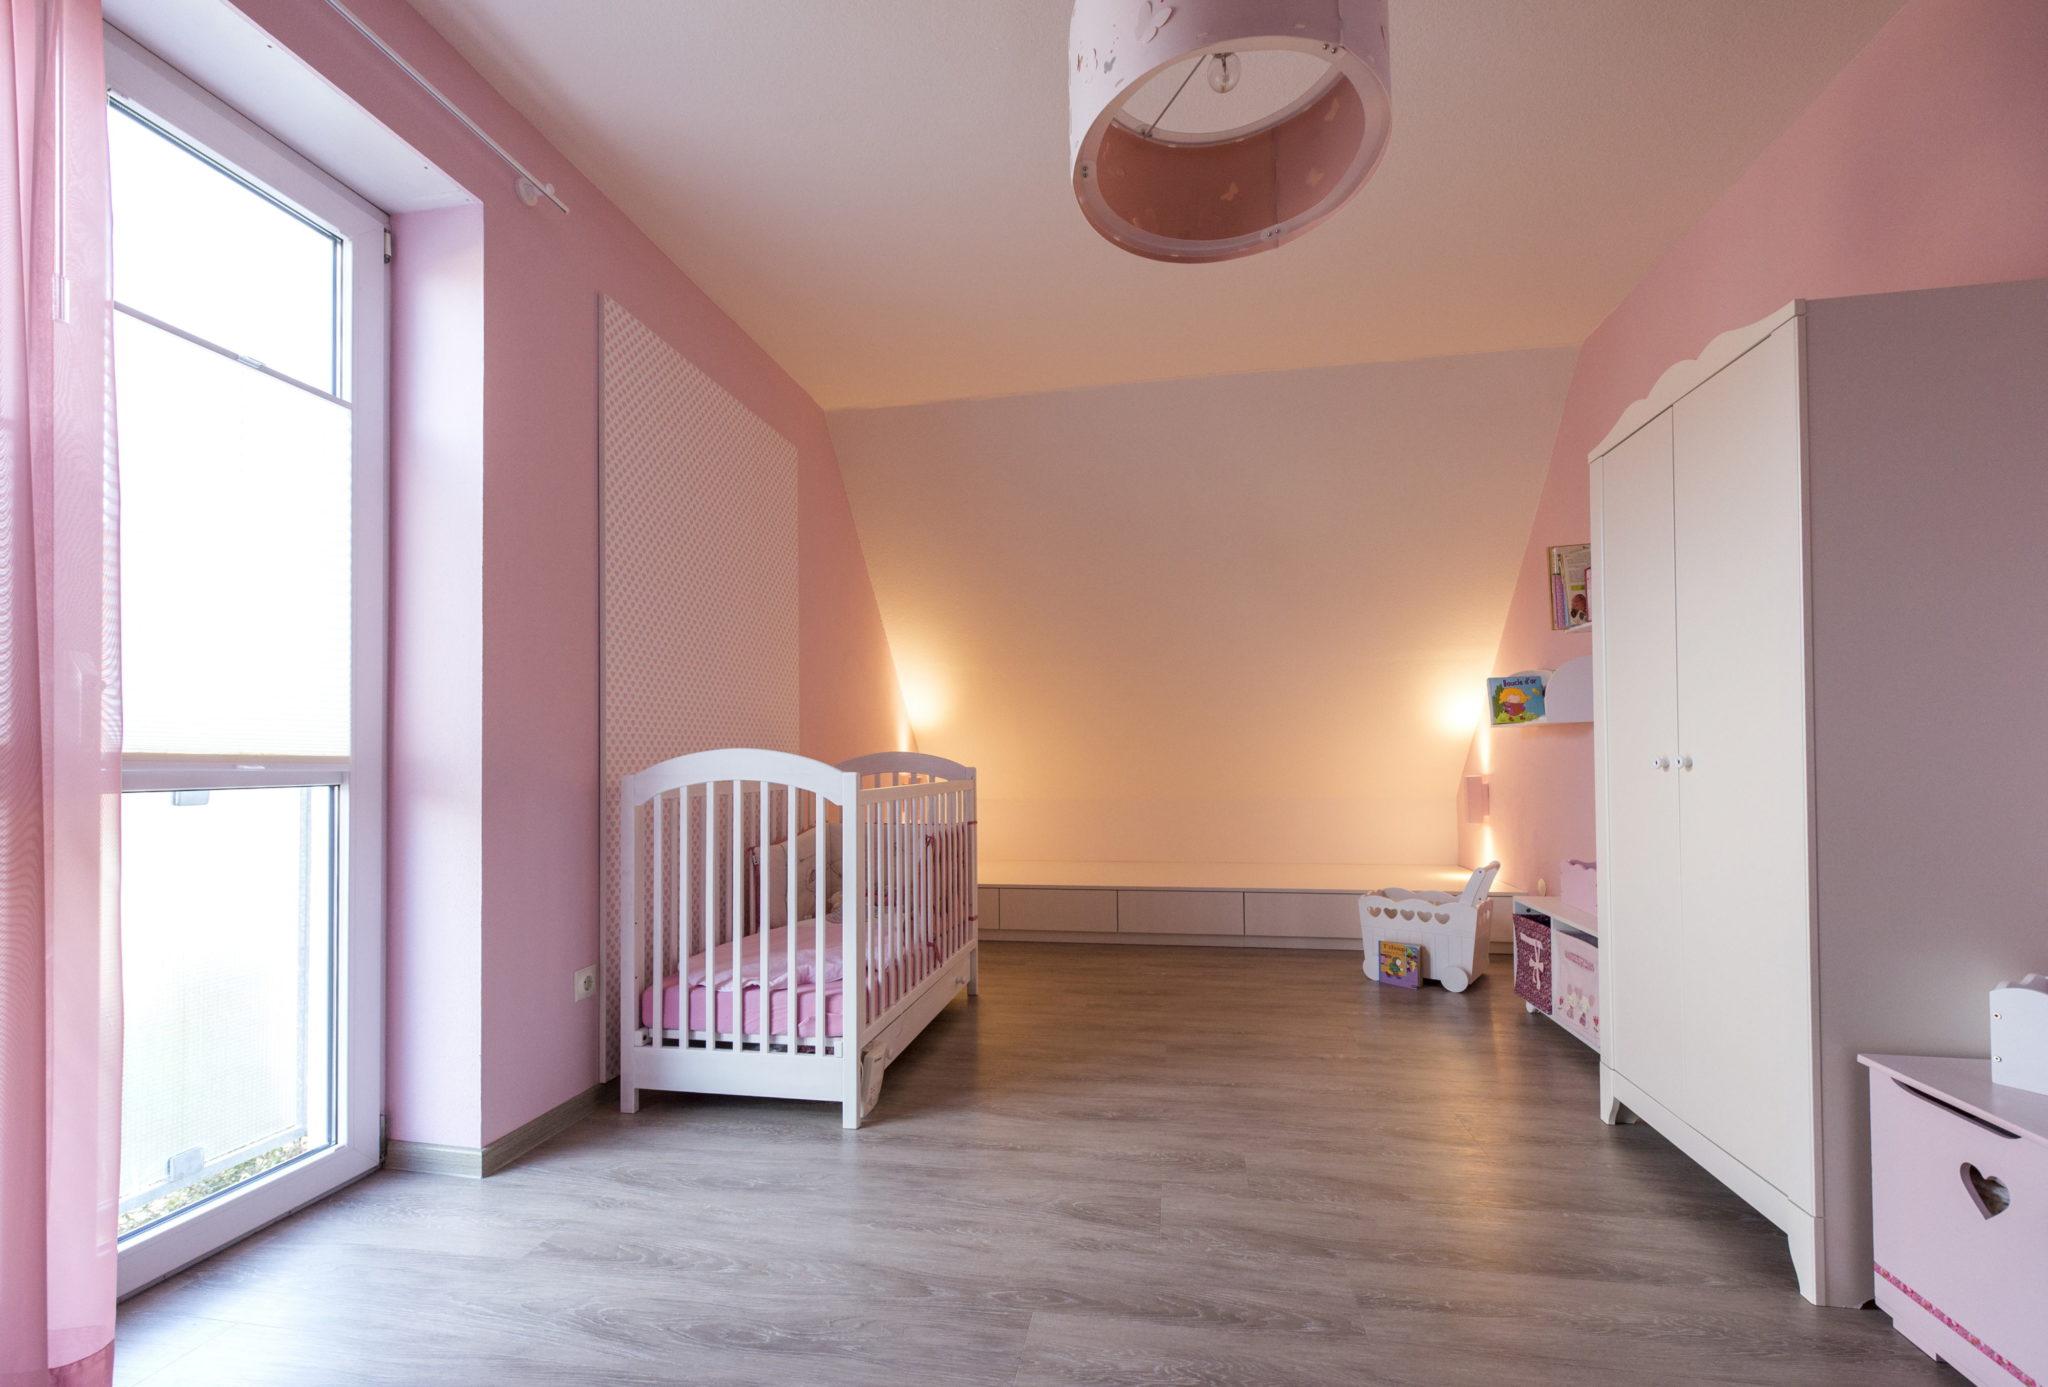 Referenzen Wohnen & Essen - Einrichtungsplanung und Raumgestaltung ...